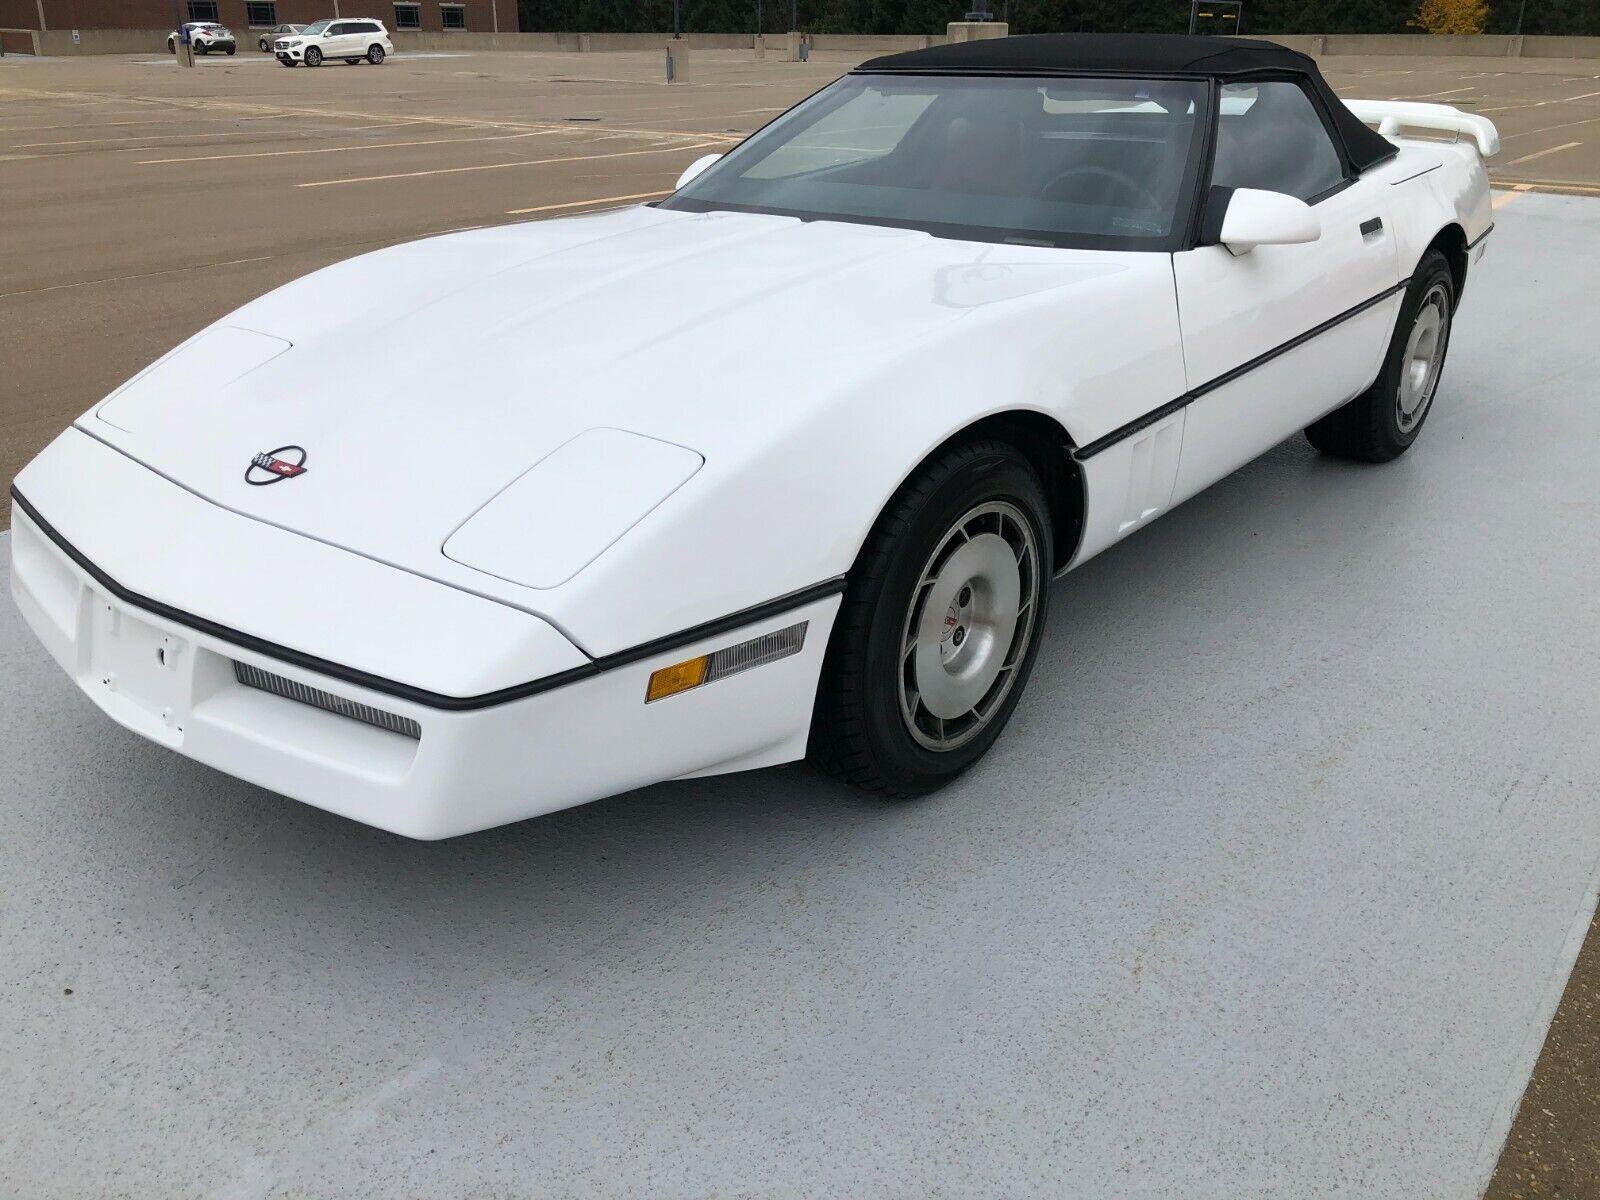 1986 White Chevrolet Corvette   | C4 Corvette Photo 1